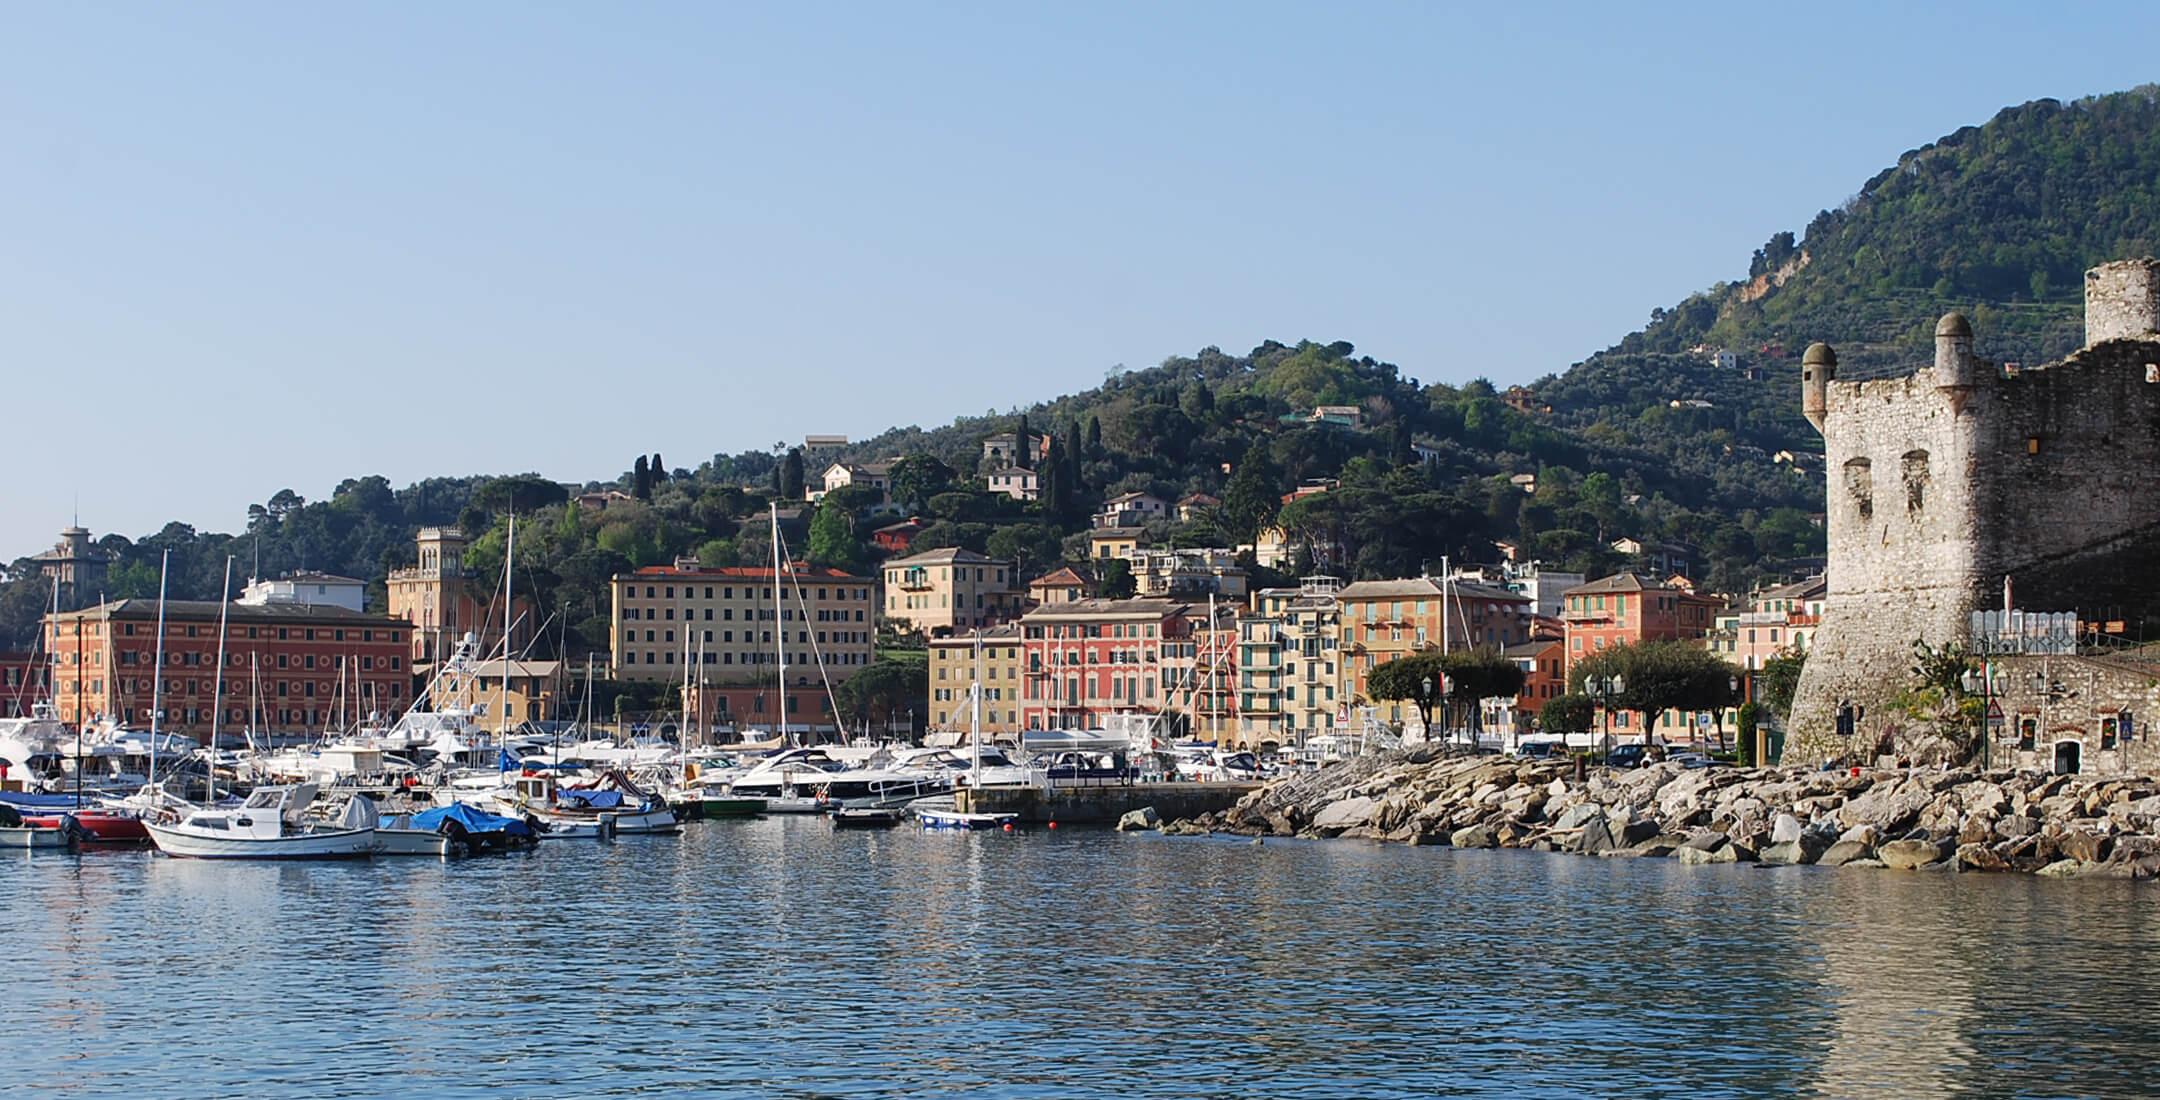 Porticciolo di Santa Margherita Ligure